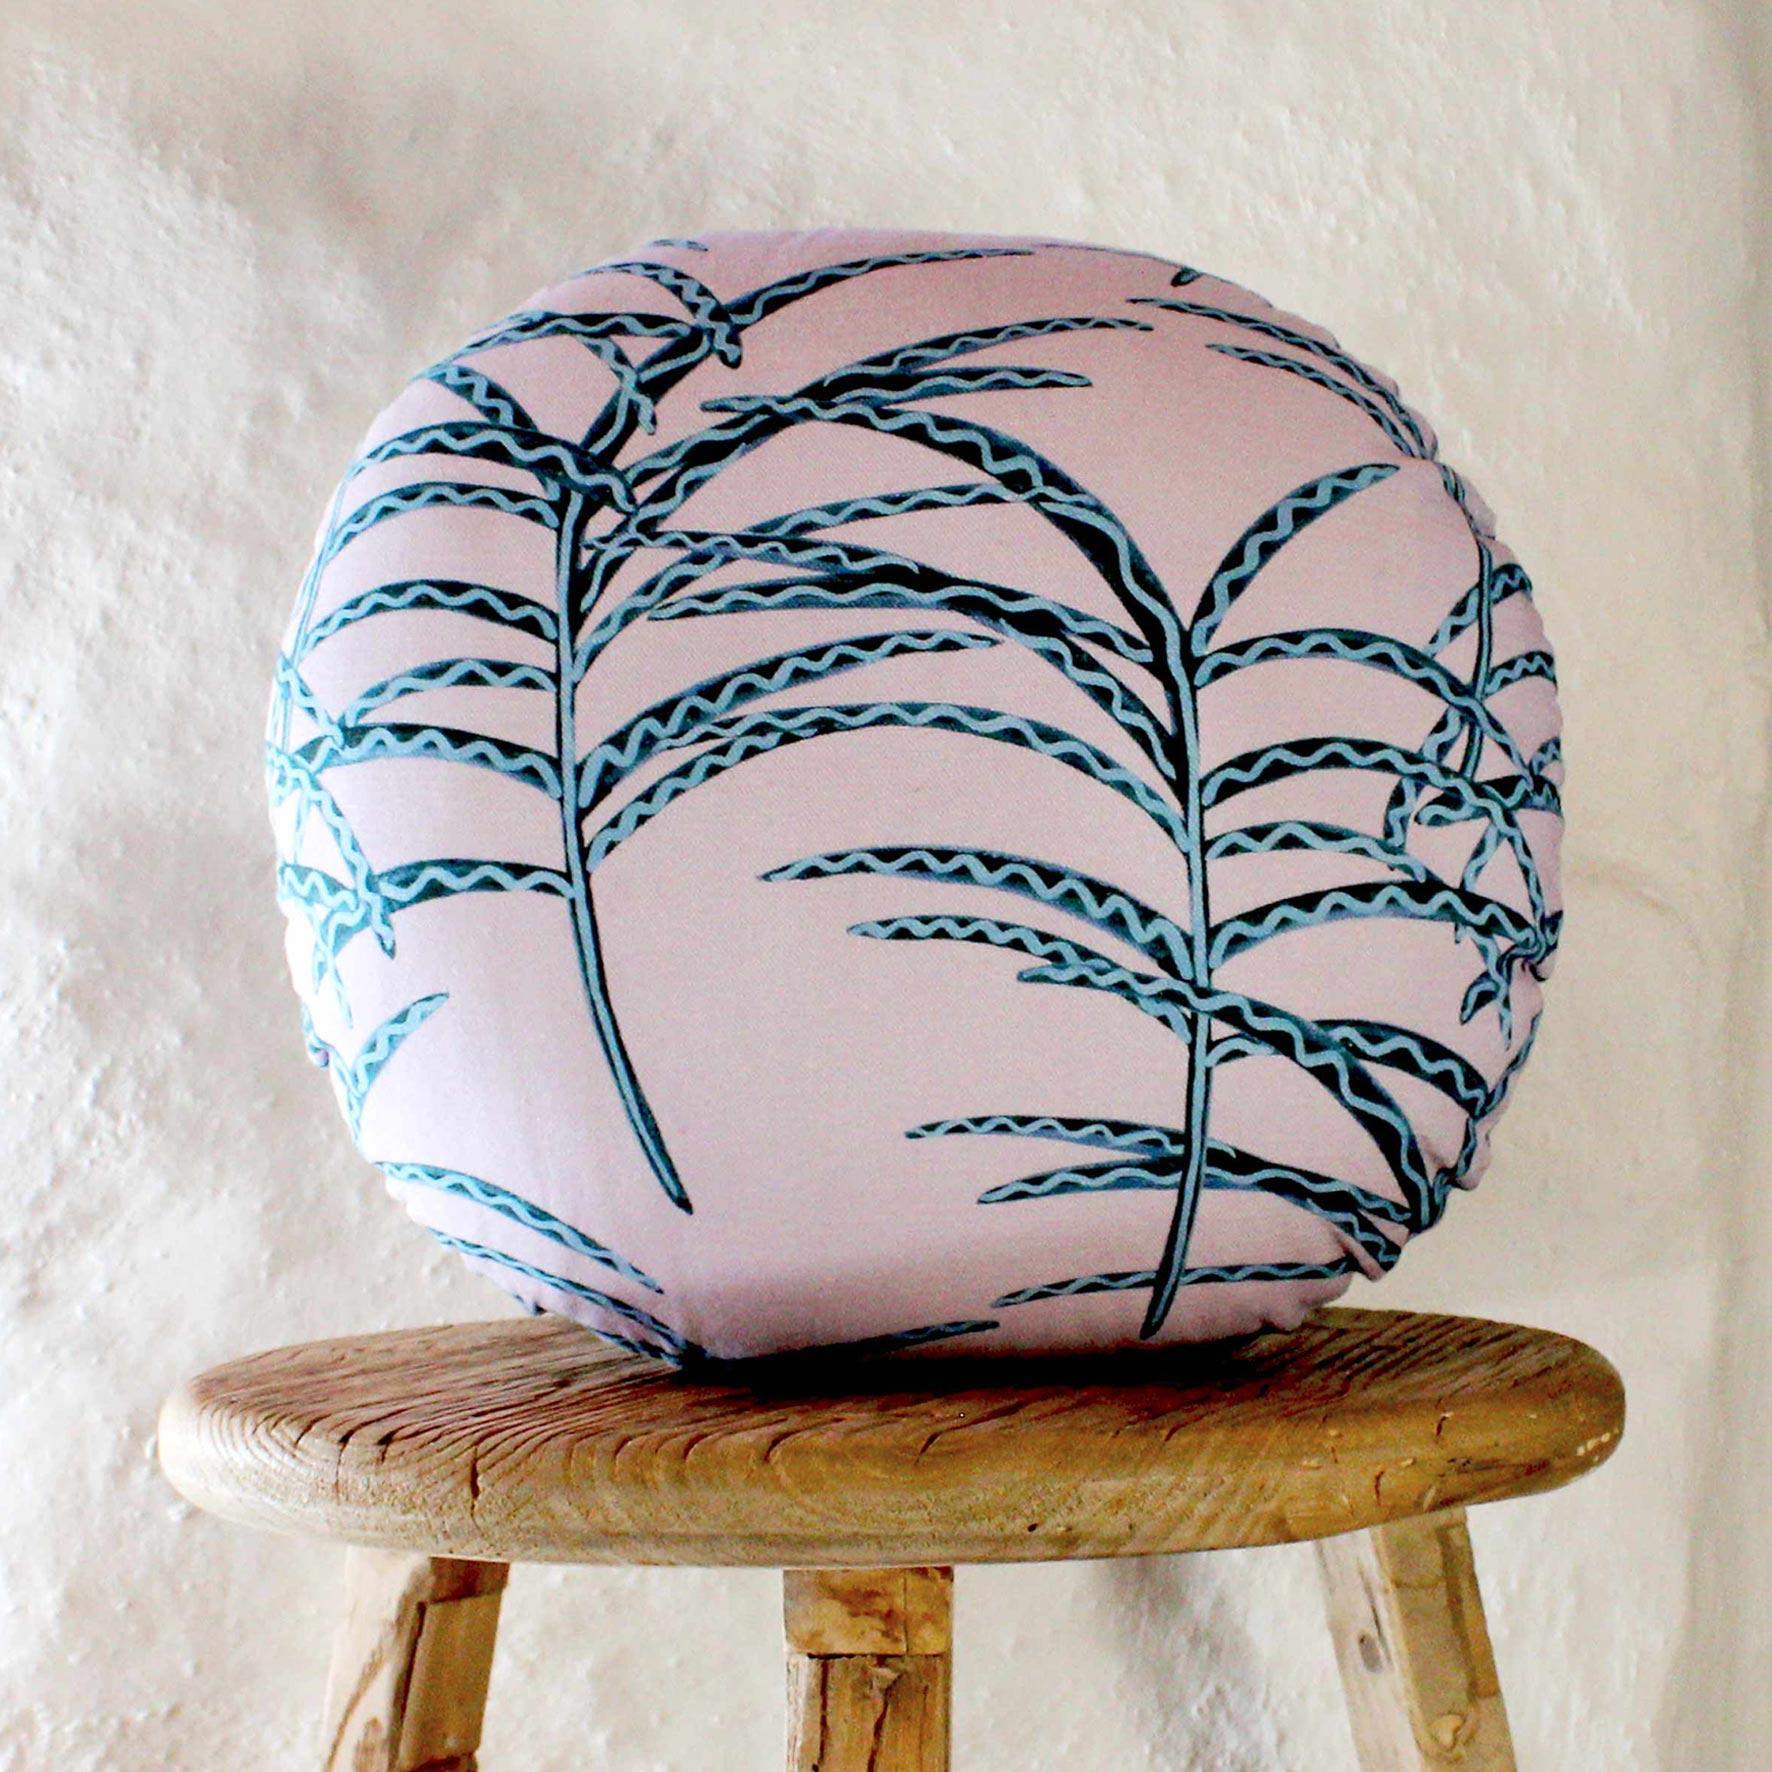 Corn-cushion